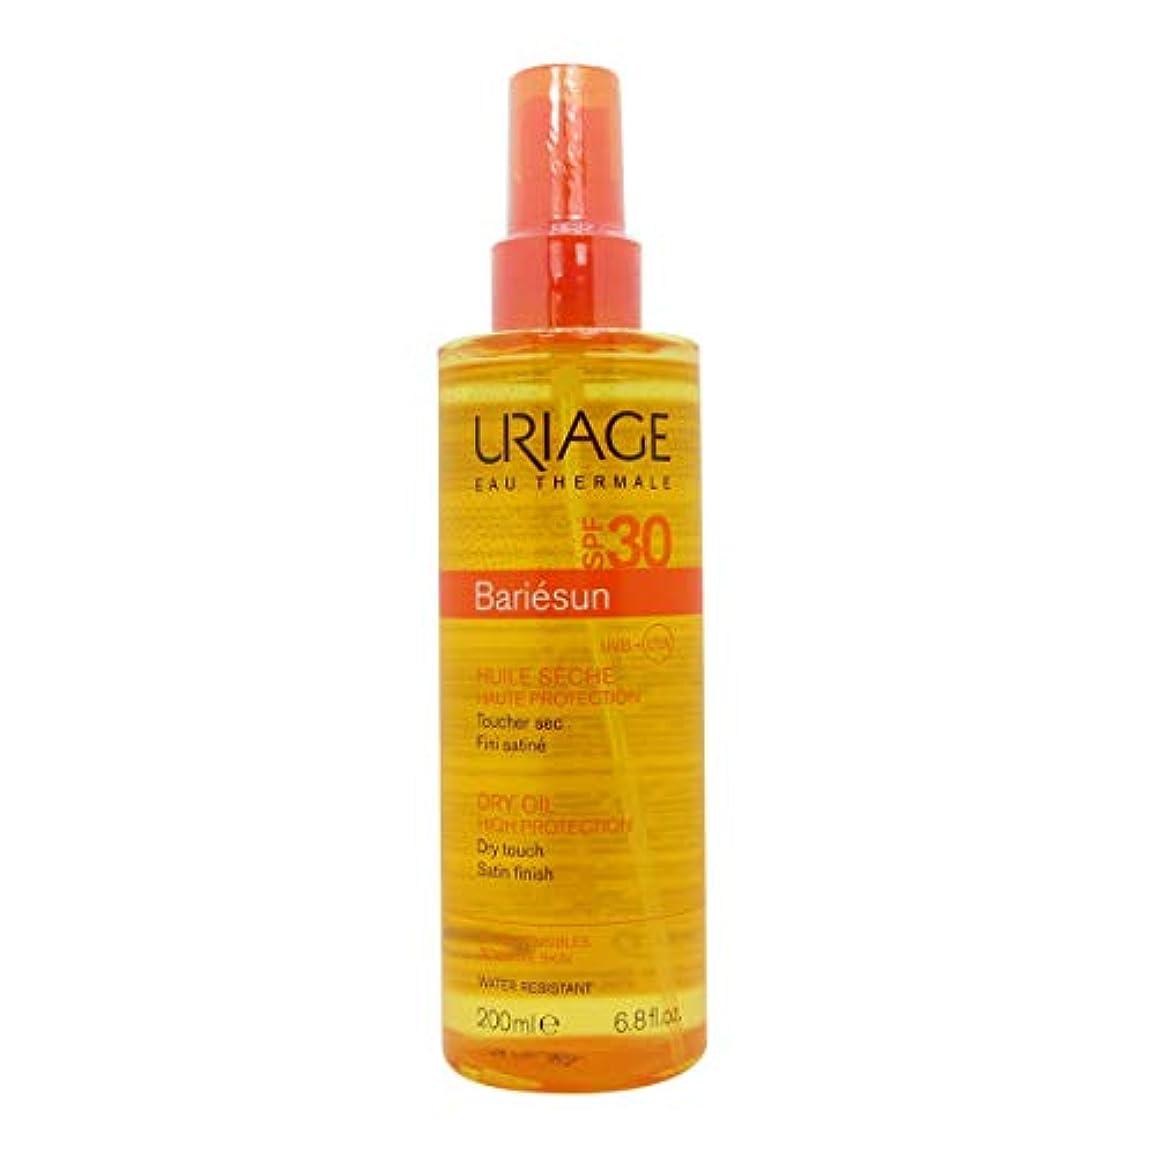 血色の良い者前進Uriage Bariesun Dry Oil SPF30 200ml